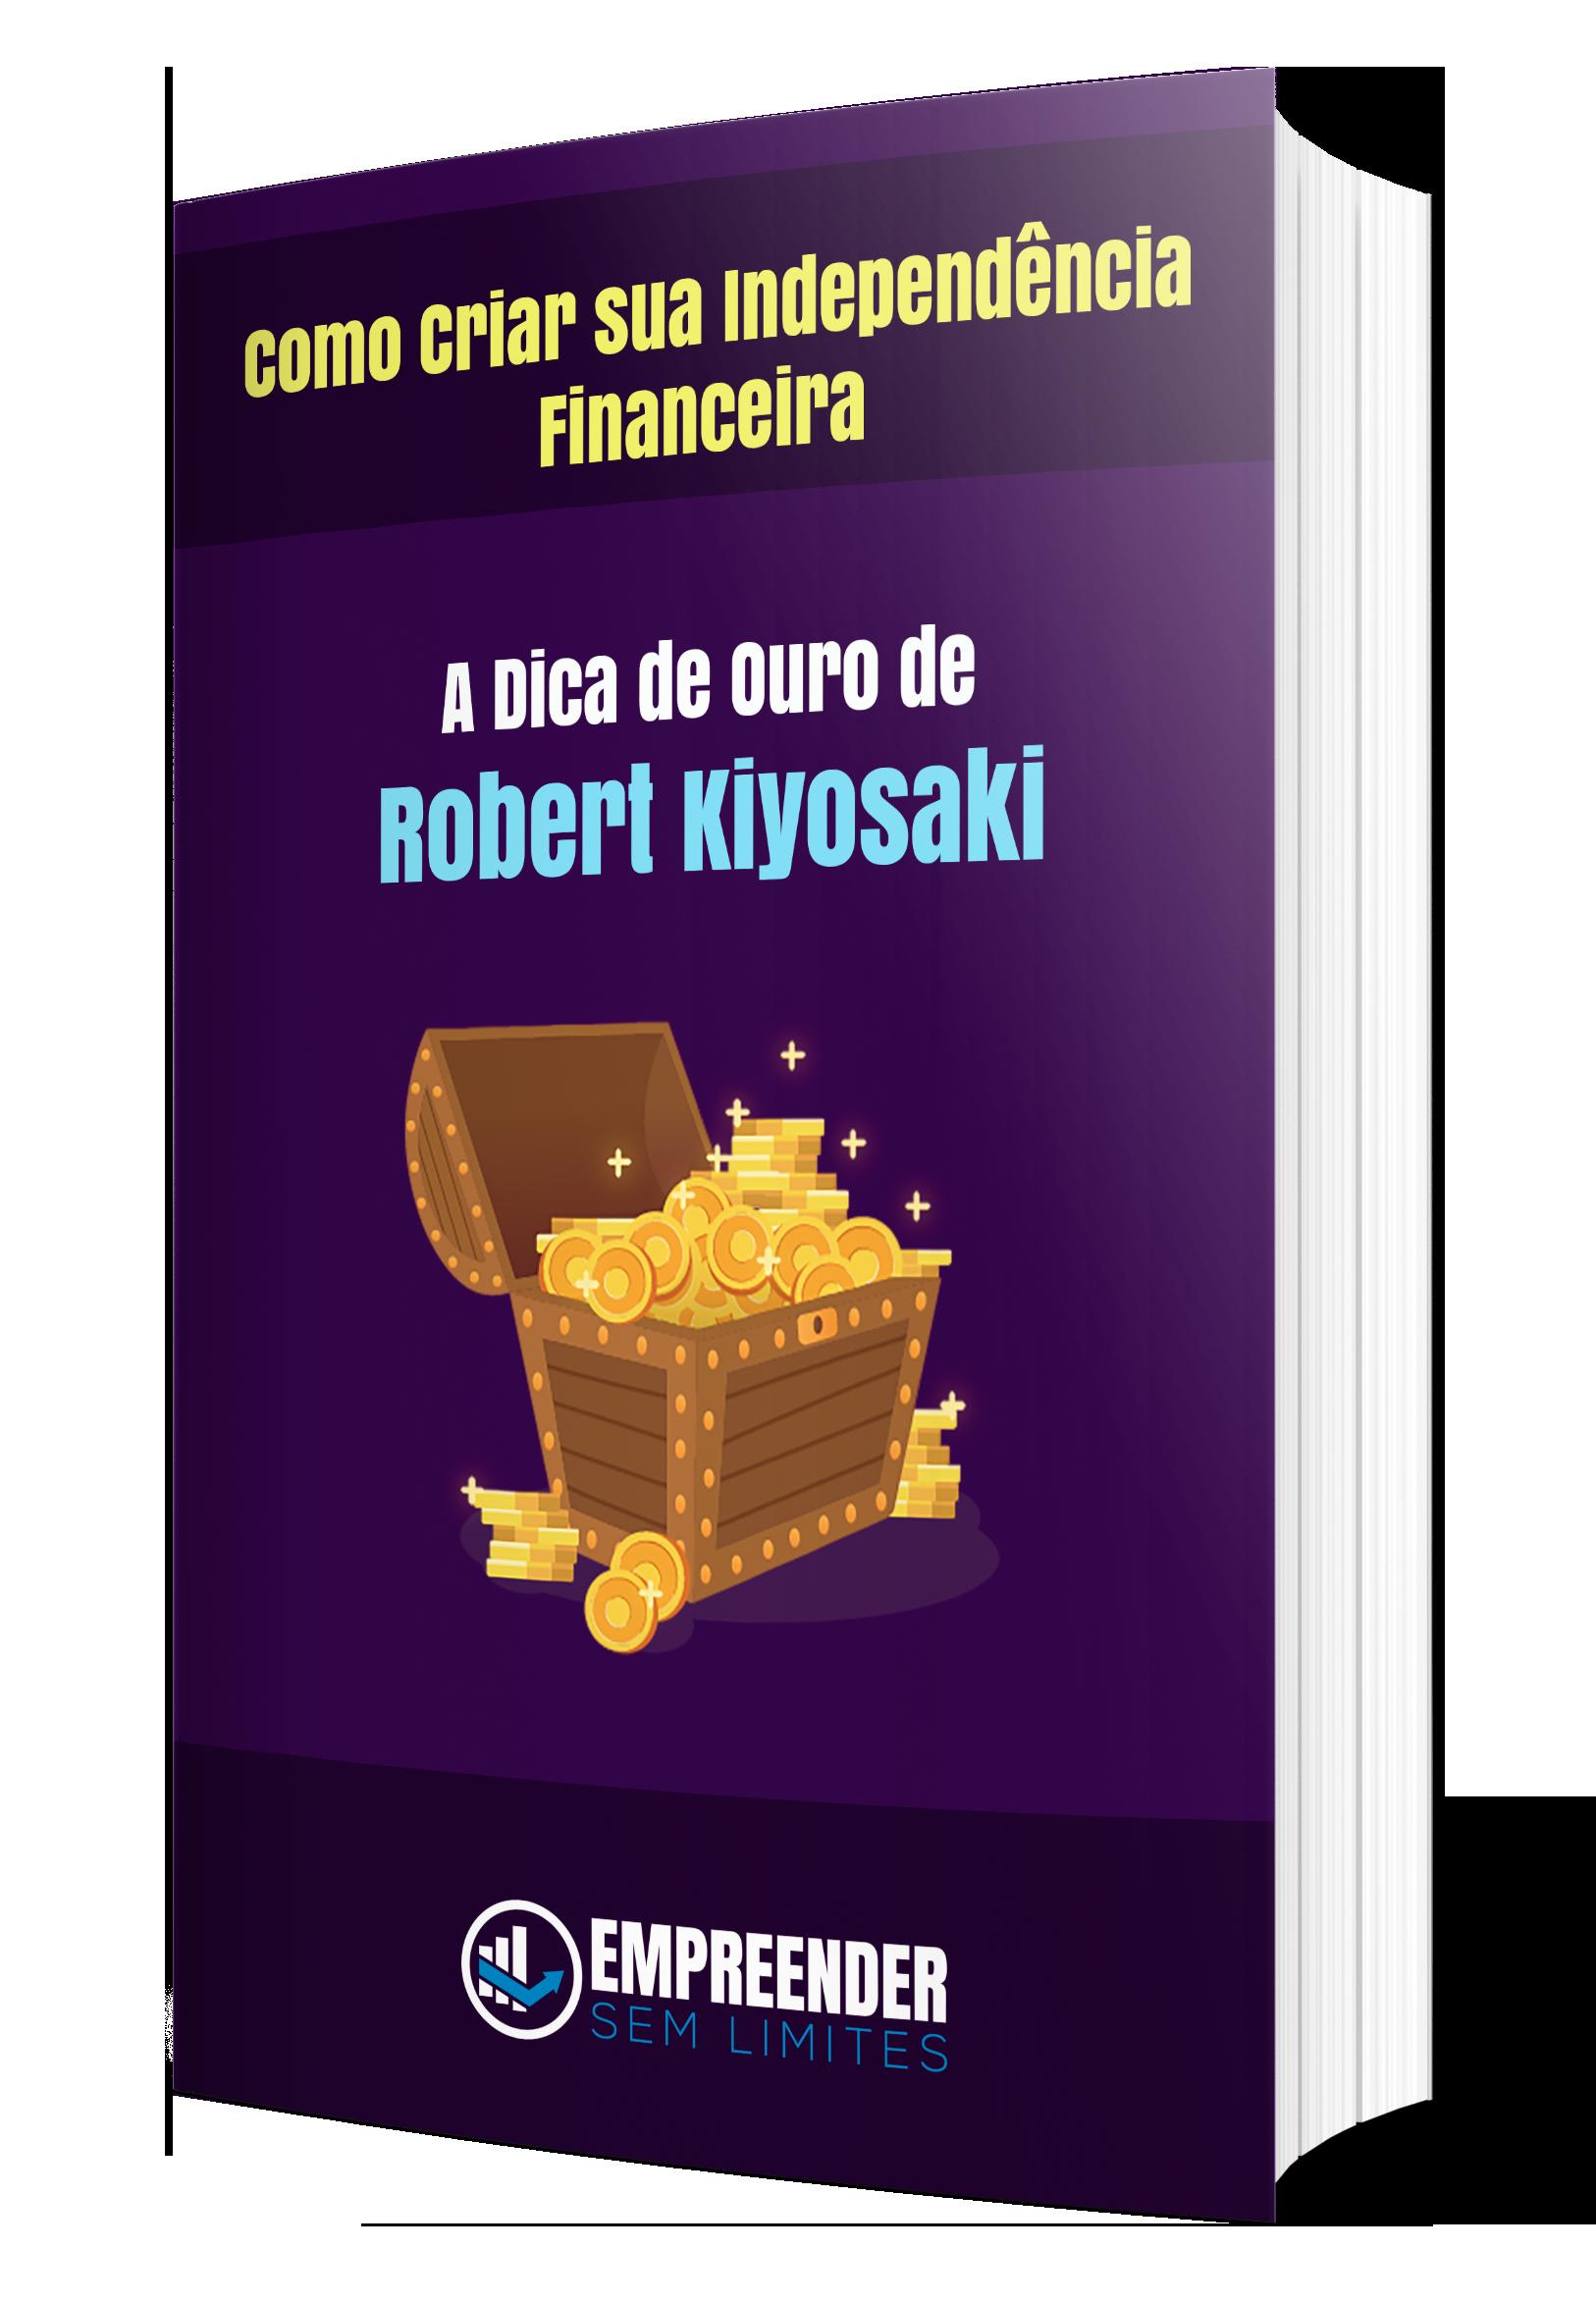 A Dica de Ouro de Robert Kiyosaki